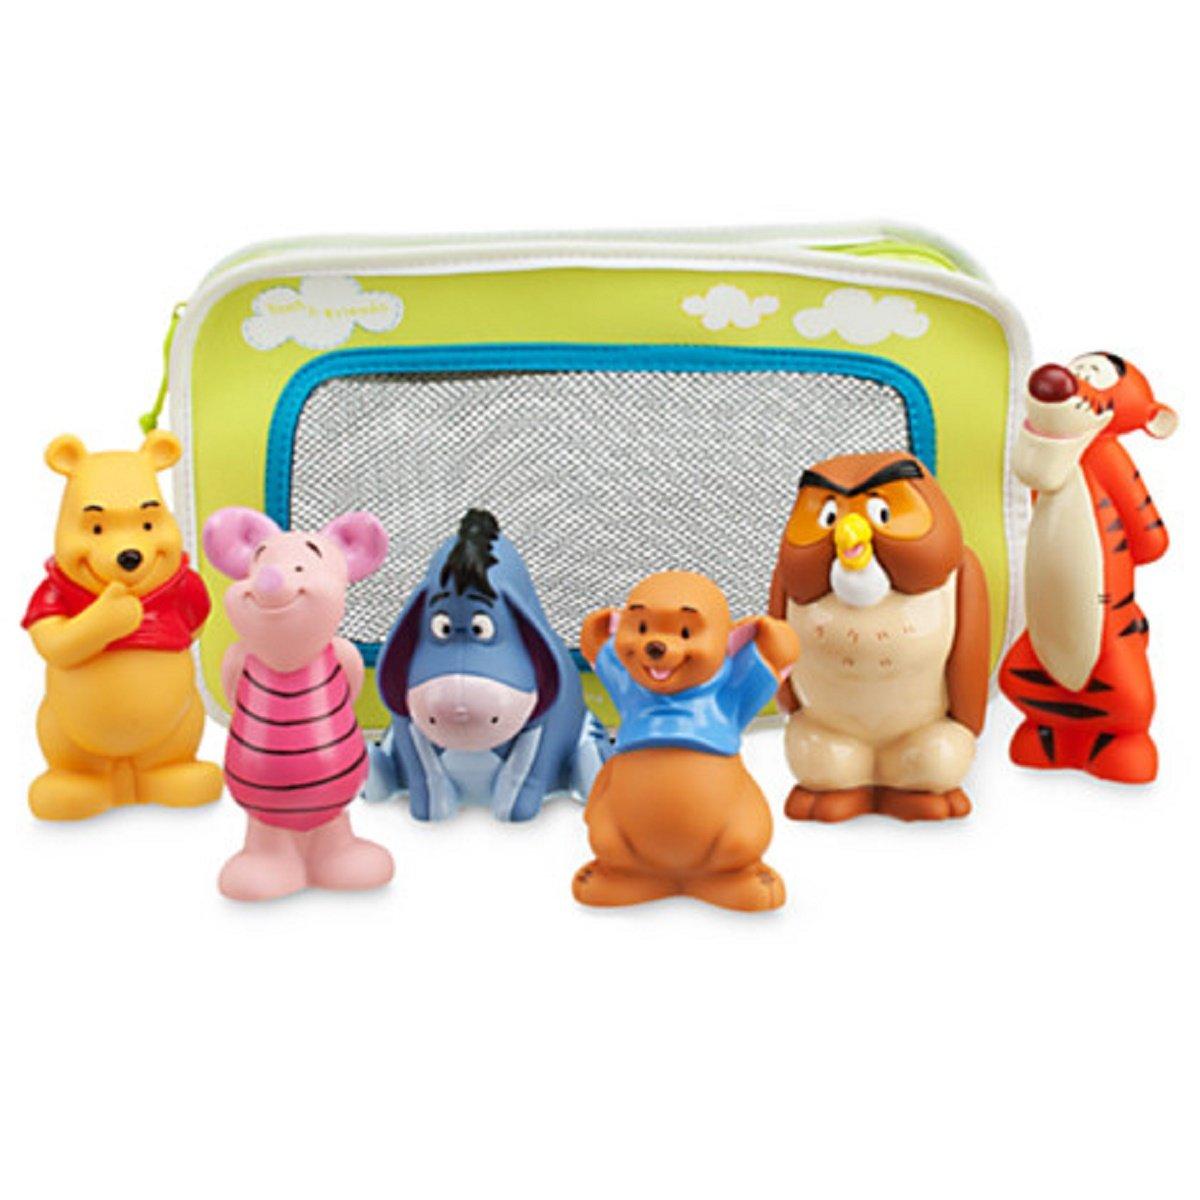 Disney Badespielzeug – Winnie Pooh , ferkel, I-Aah, Ruh, Eule, Tigger bestellen